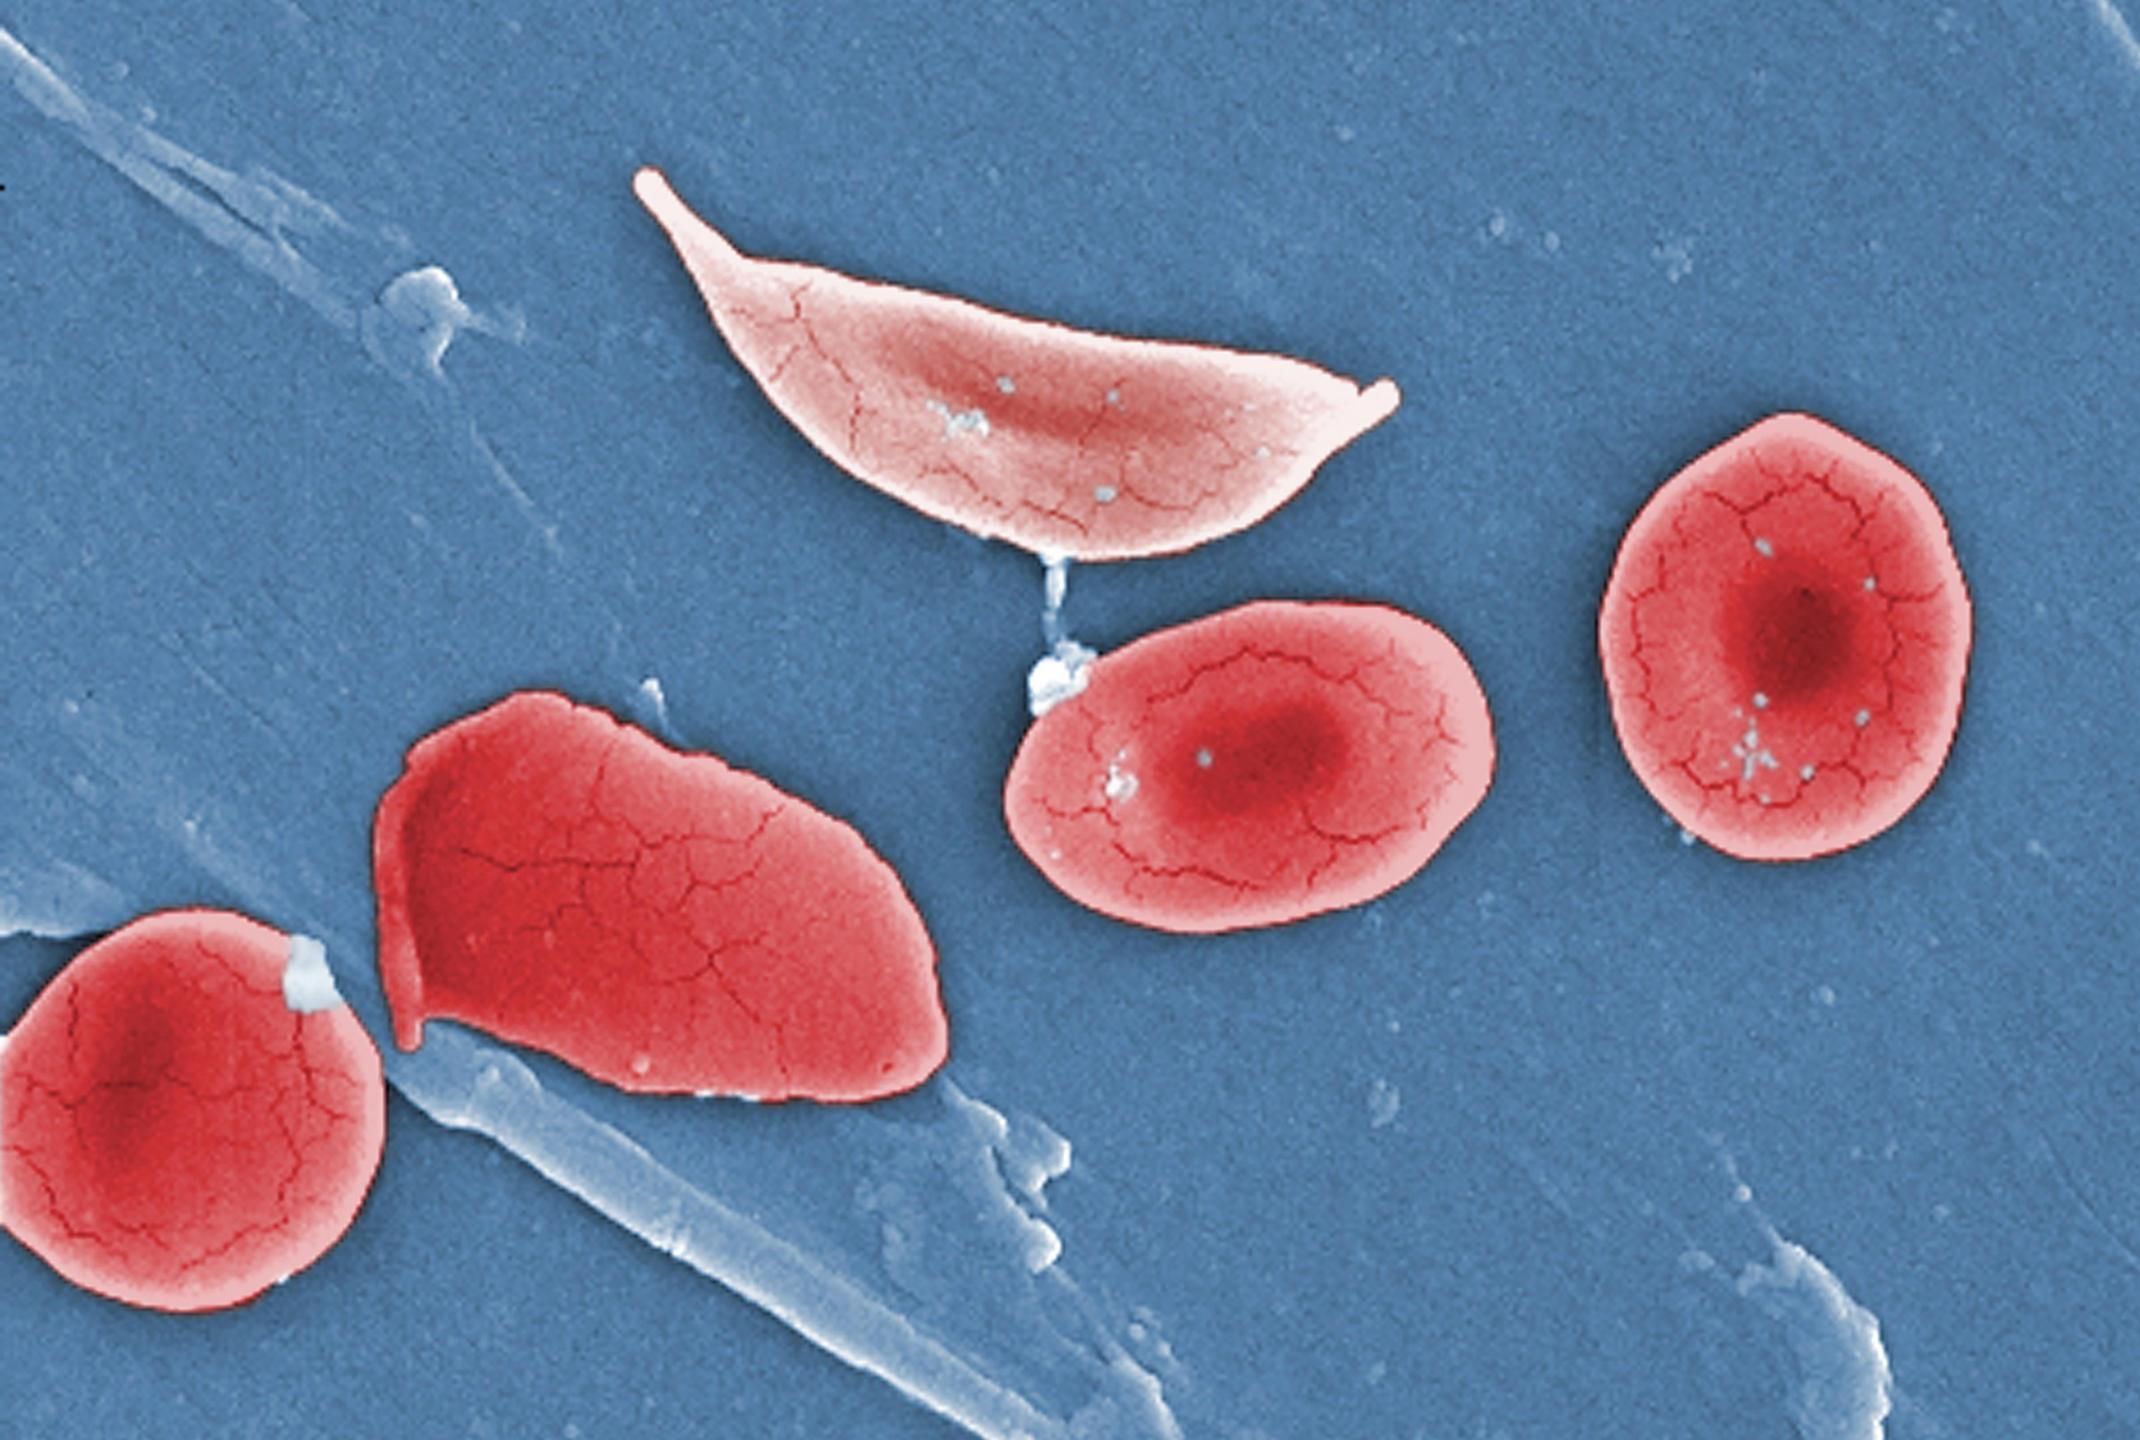 Серповидноклеточную анемию предложили лечить «раздуванием» эритроцитов